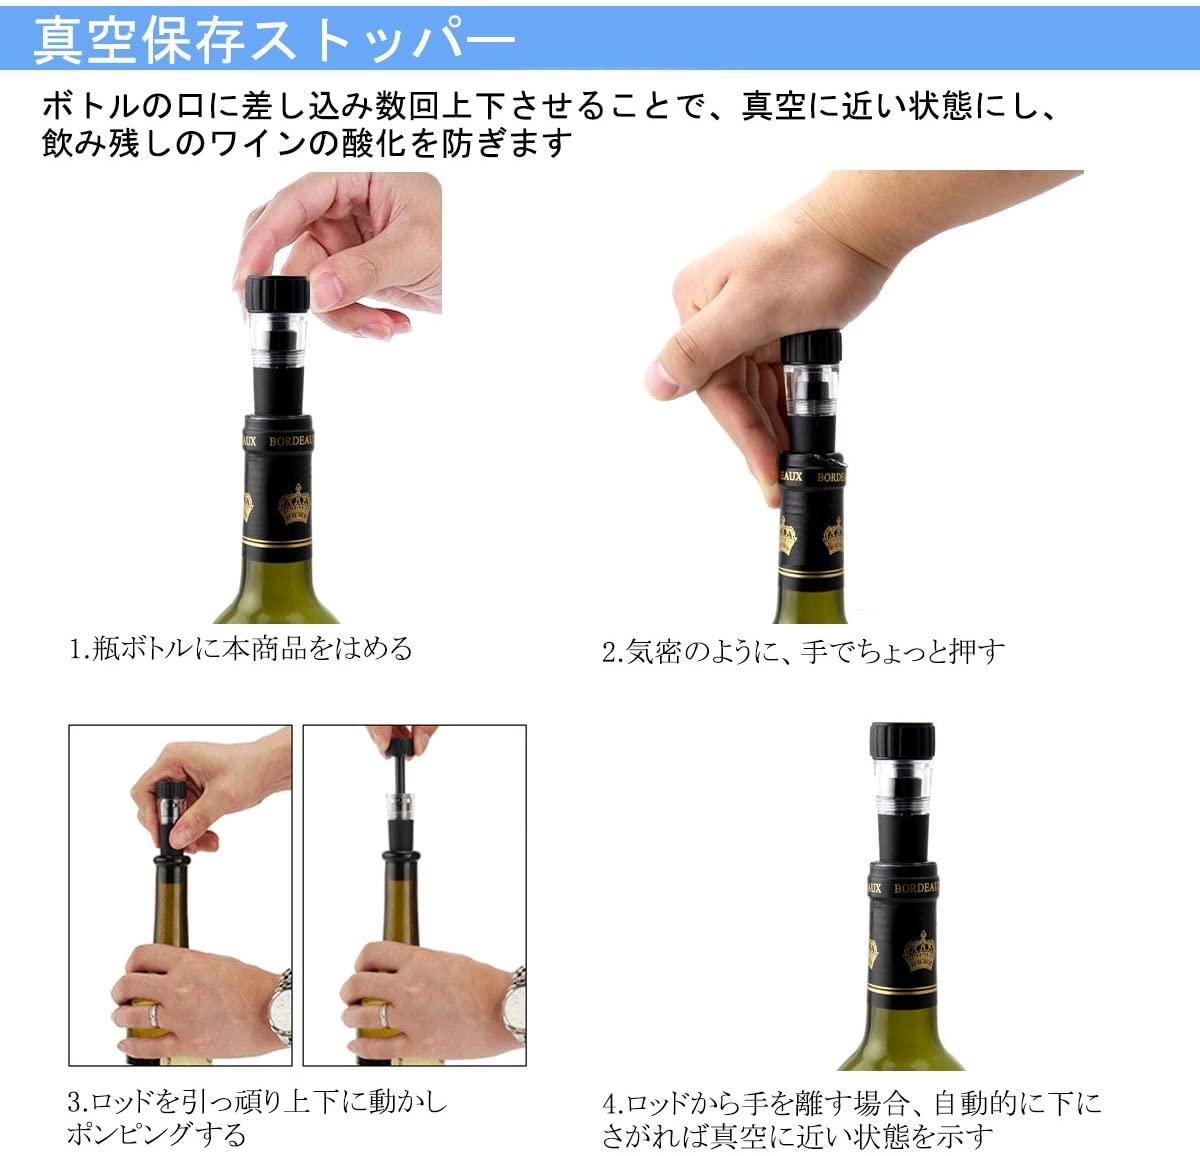 KYUUSI(キューシ) ワインオープナー エアーポンプ式の商品画像4